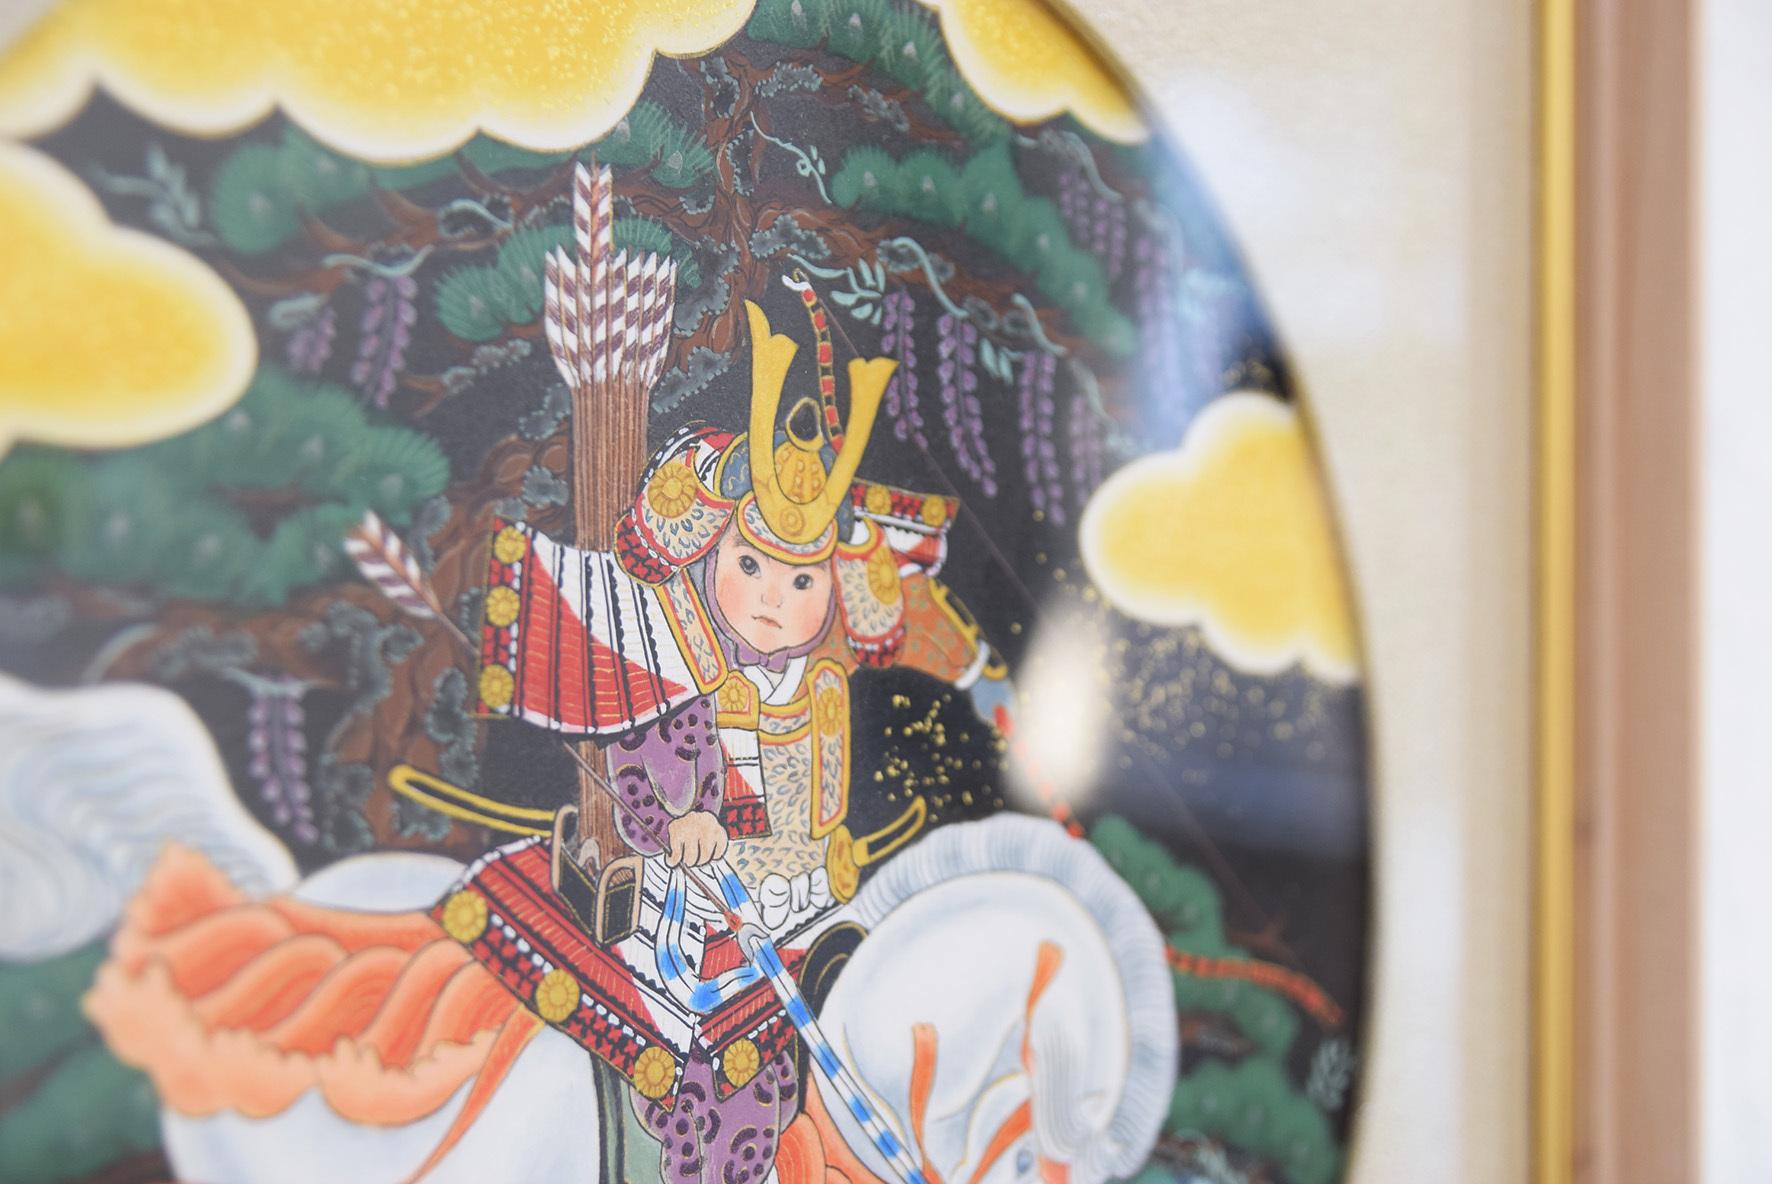 中沢 梓 大和絵展 「刻一刻」@2日目_e0272050_17071857.jpg